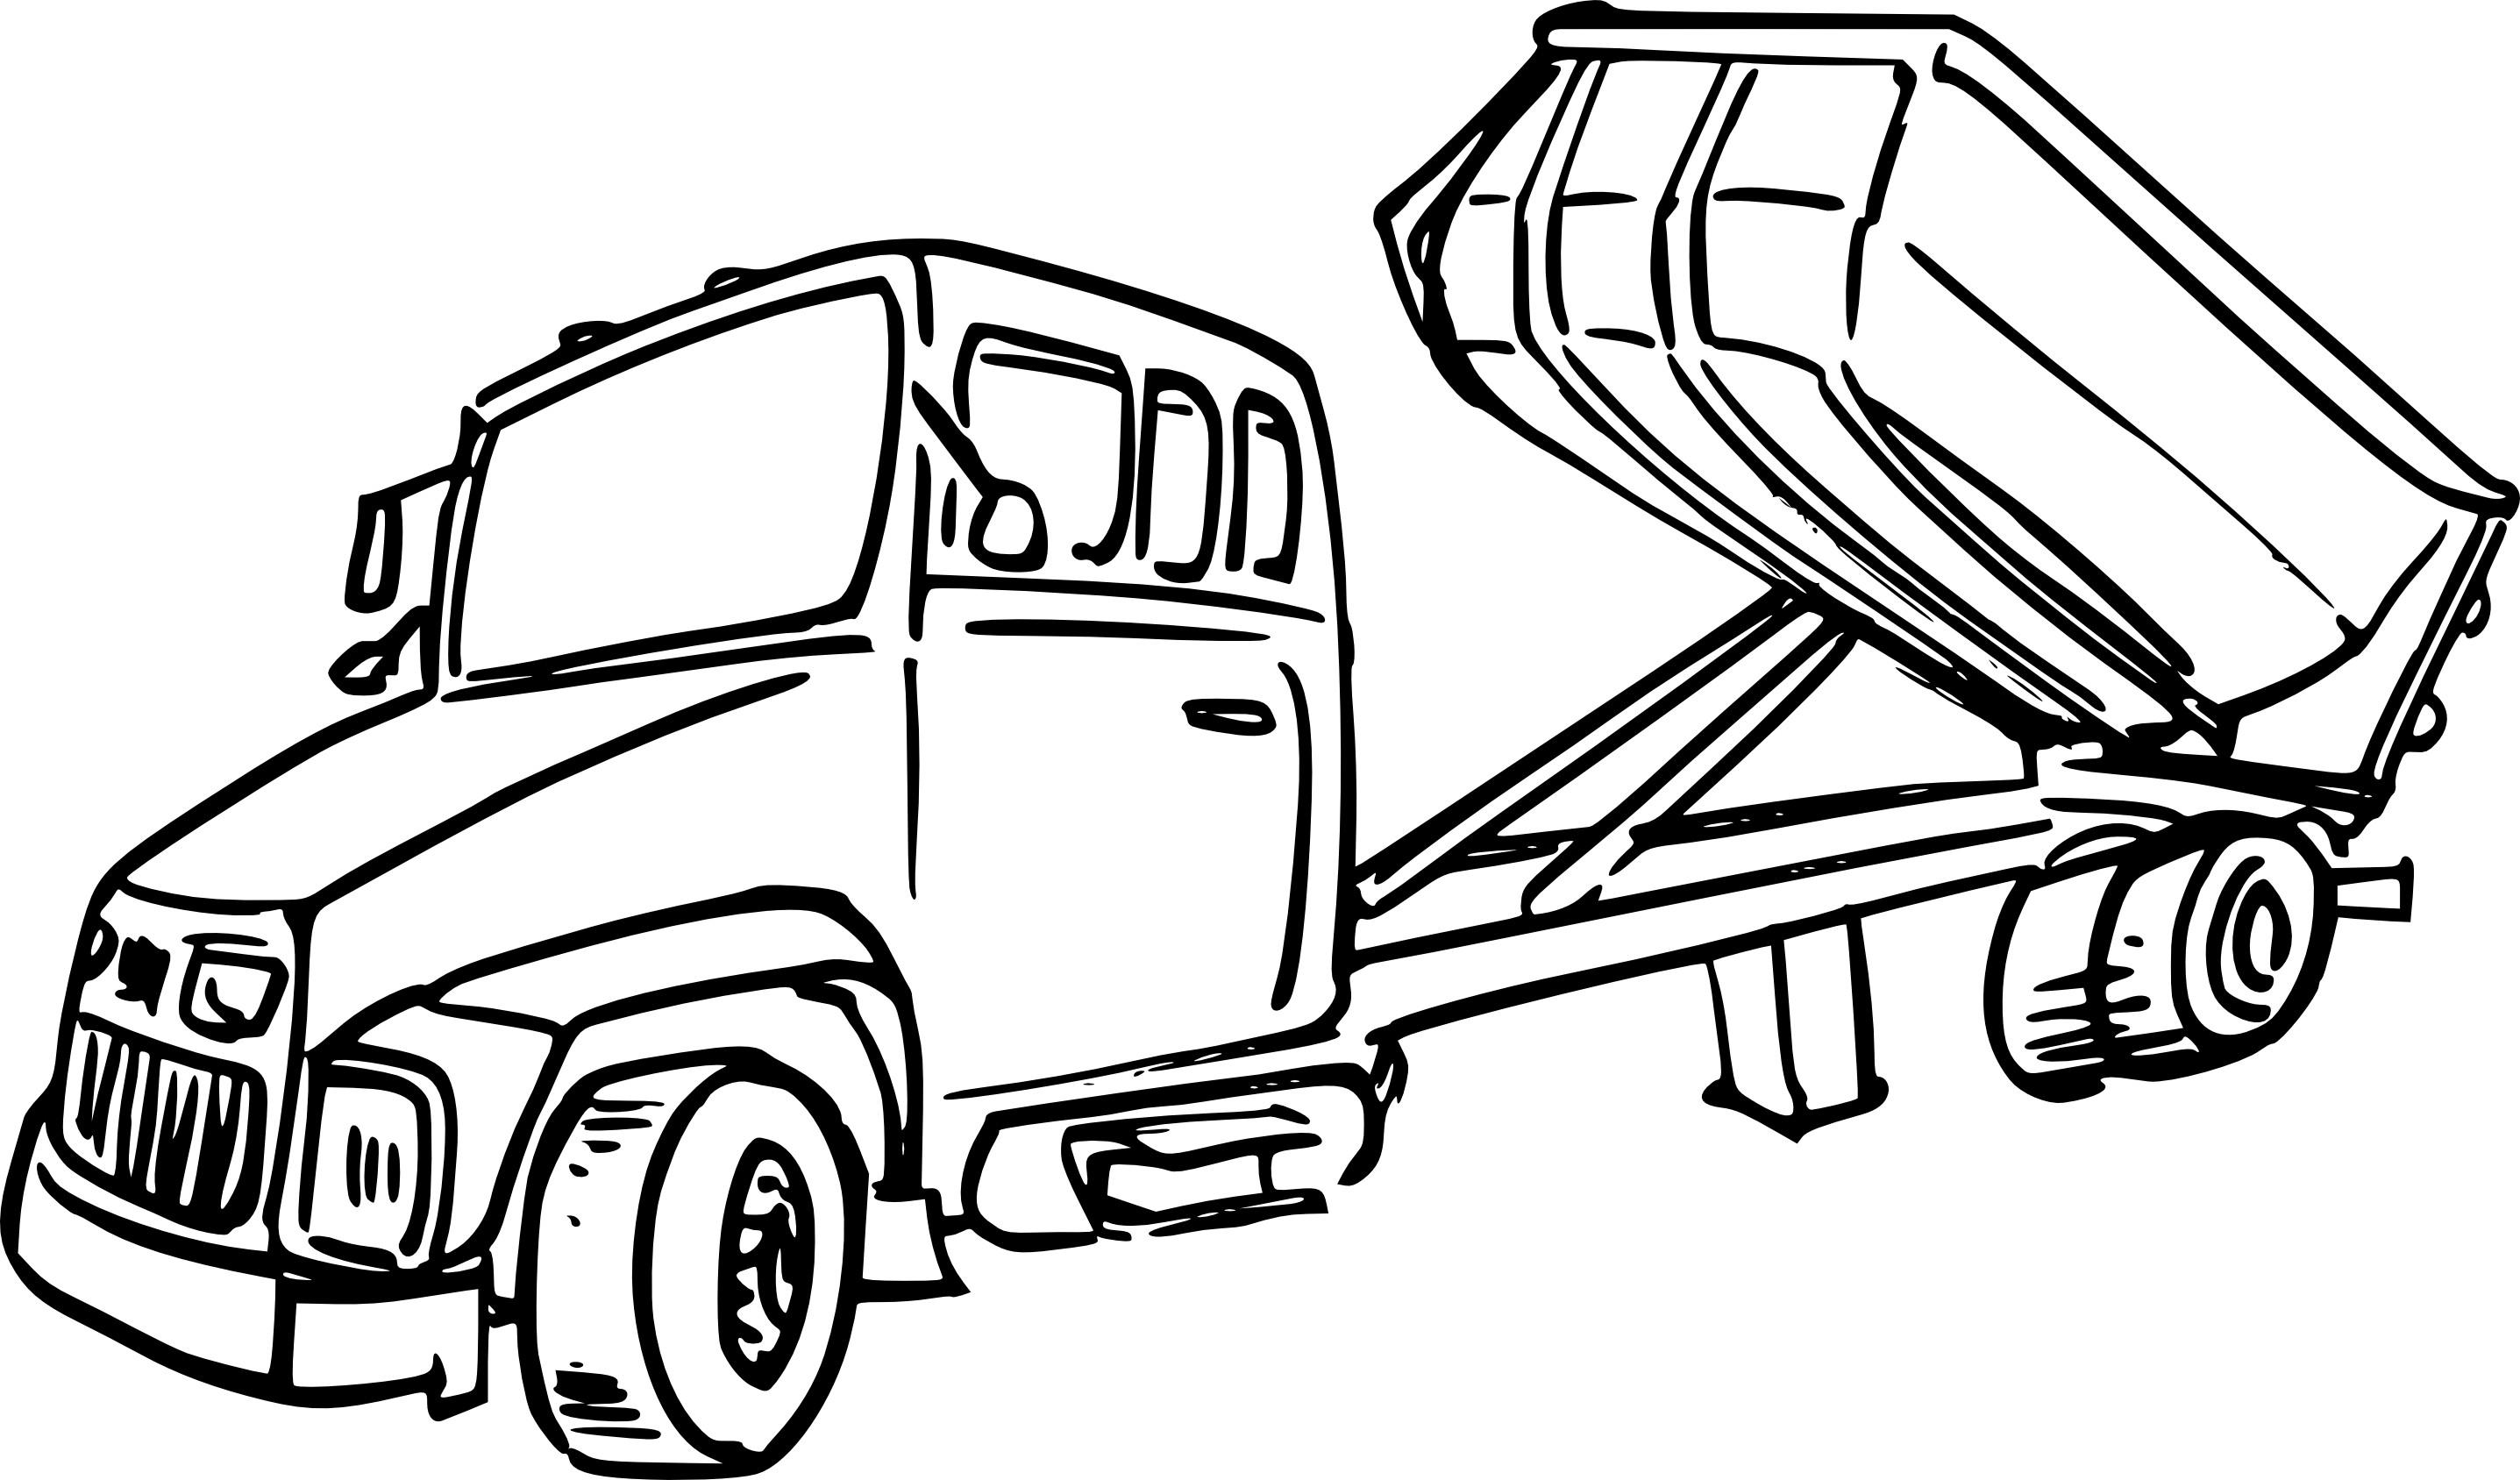 Nouveau dessin colorier camion grue - Camion americain dessin ...